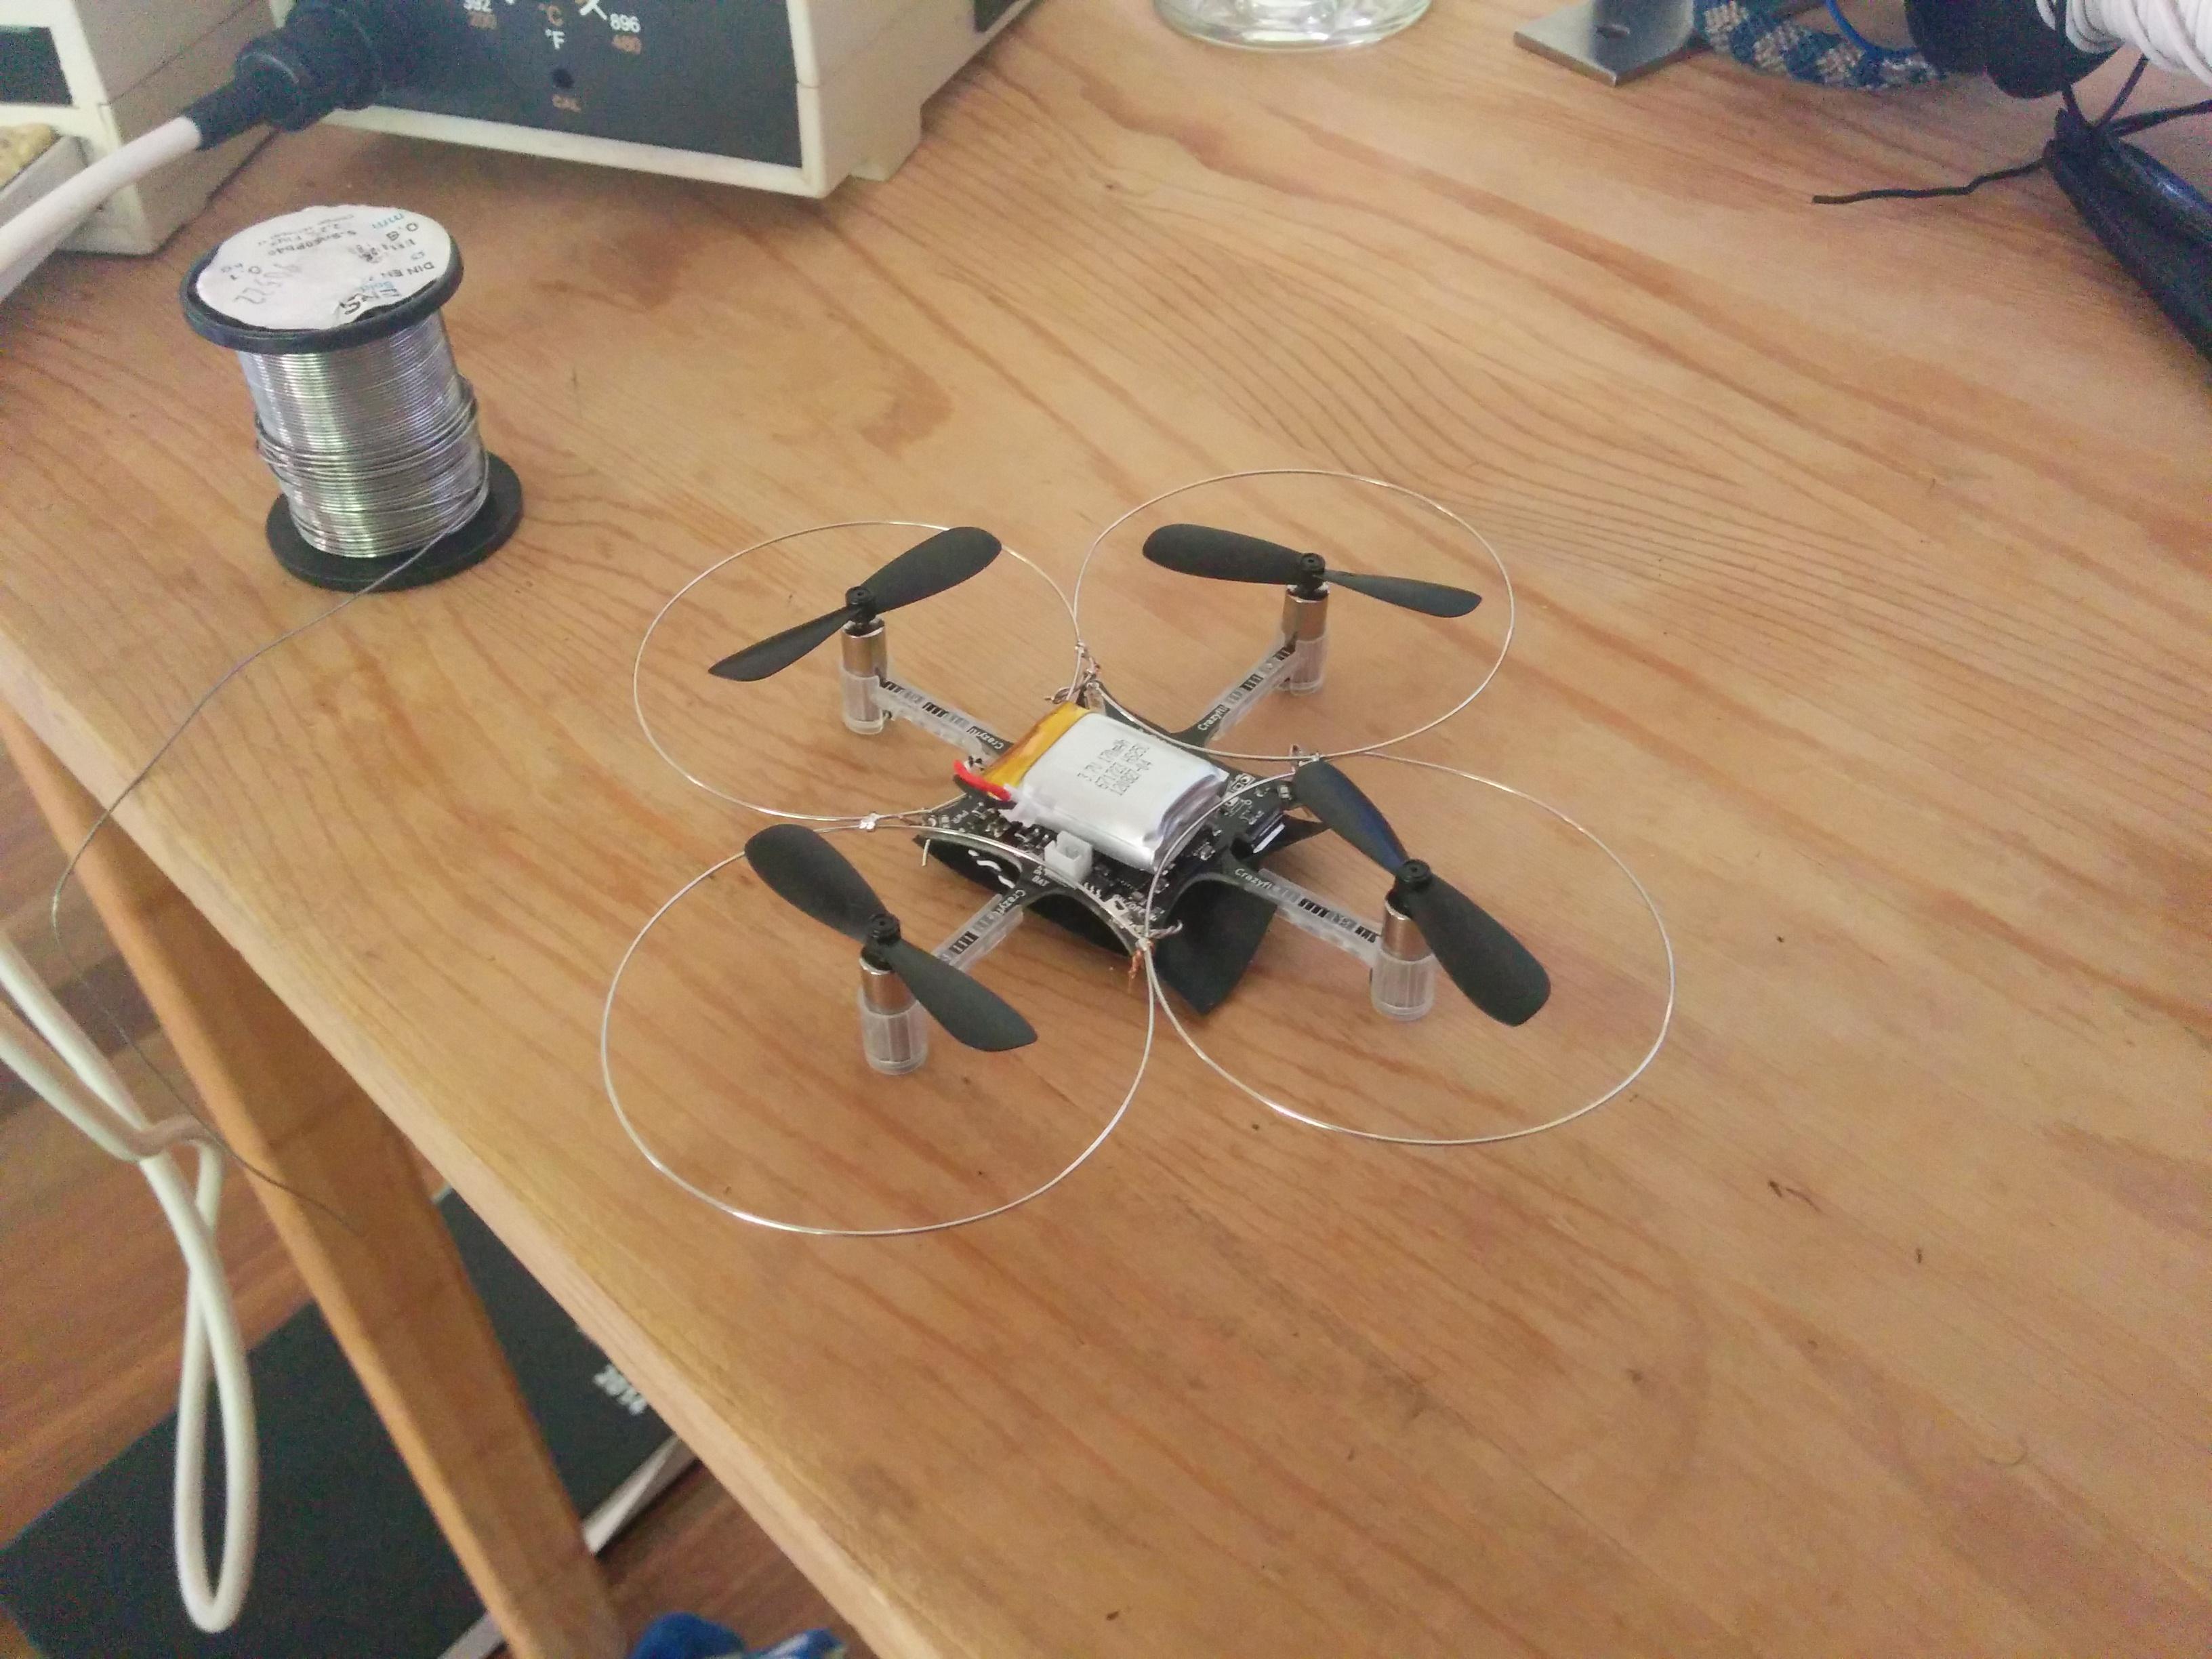 crazyflie nano quadcopter training wheels